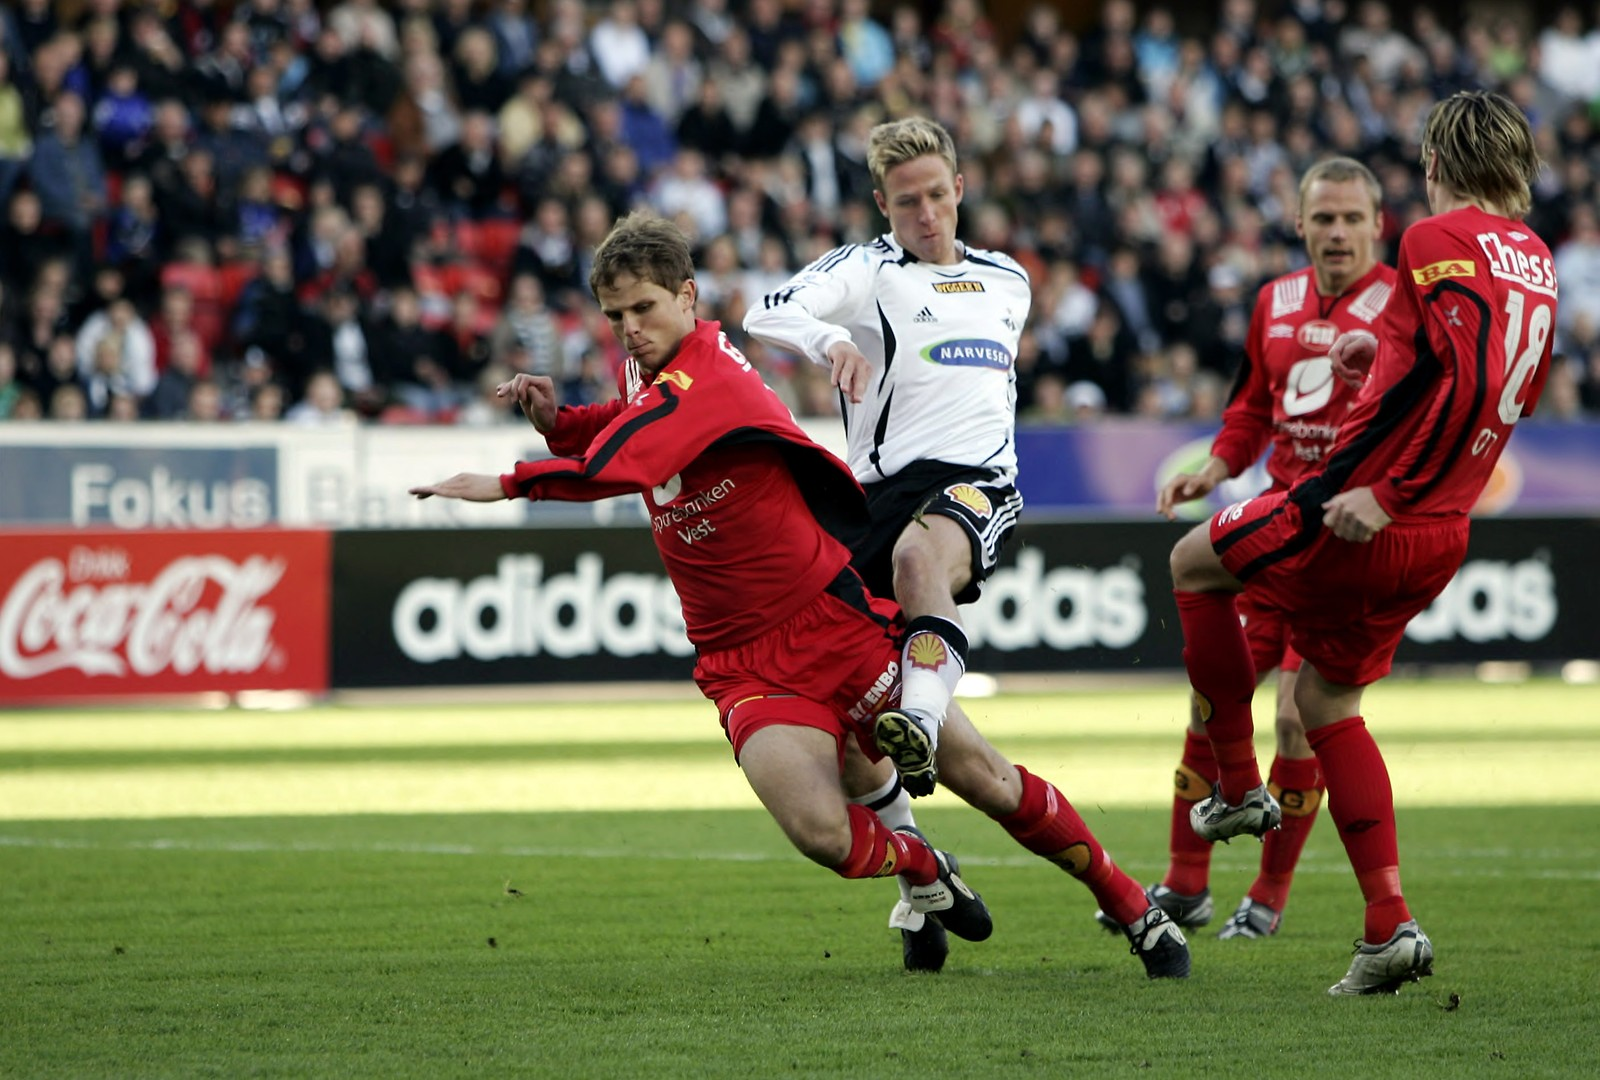 KRIGET OM GULL: Erlend Hanstveit og neste års lagkamerat Jan Gunnar Solli kriger om ballen på Lerkendal i 2006. Dette året gikk gullet til Solli. Det gjorde det året etter også.